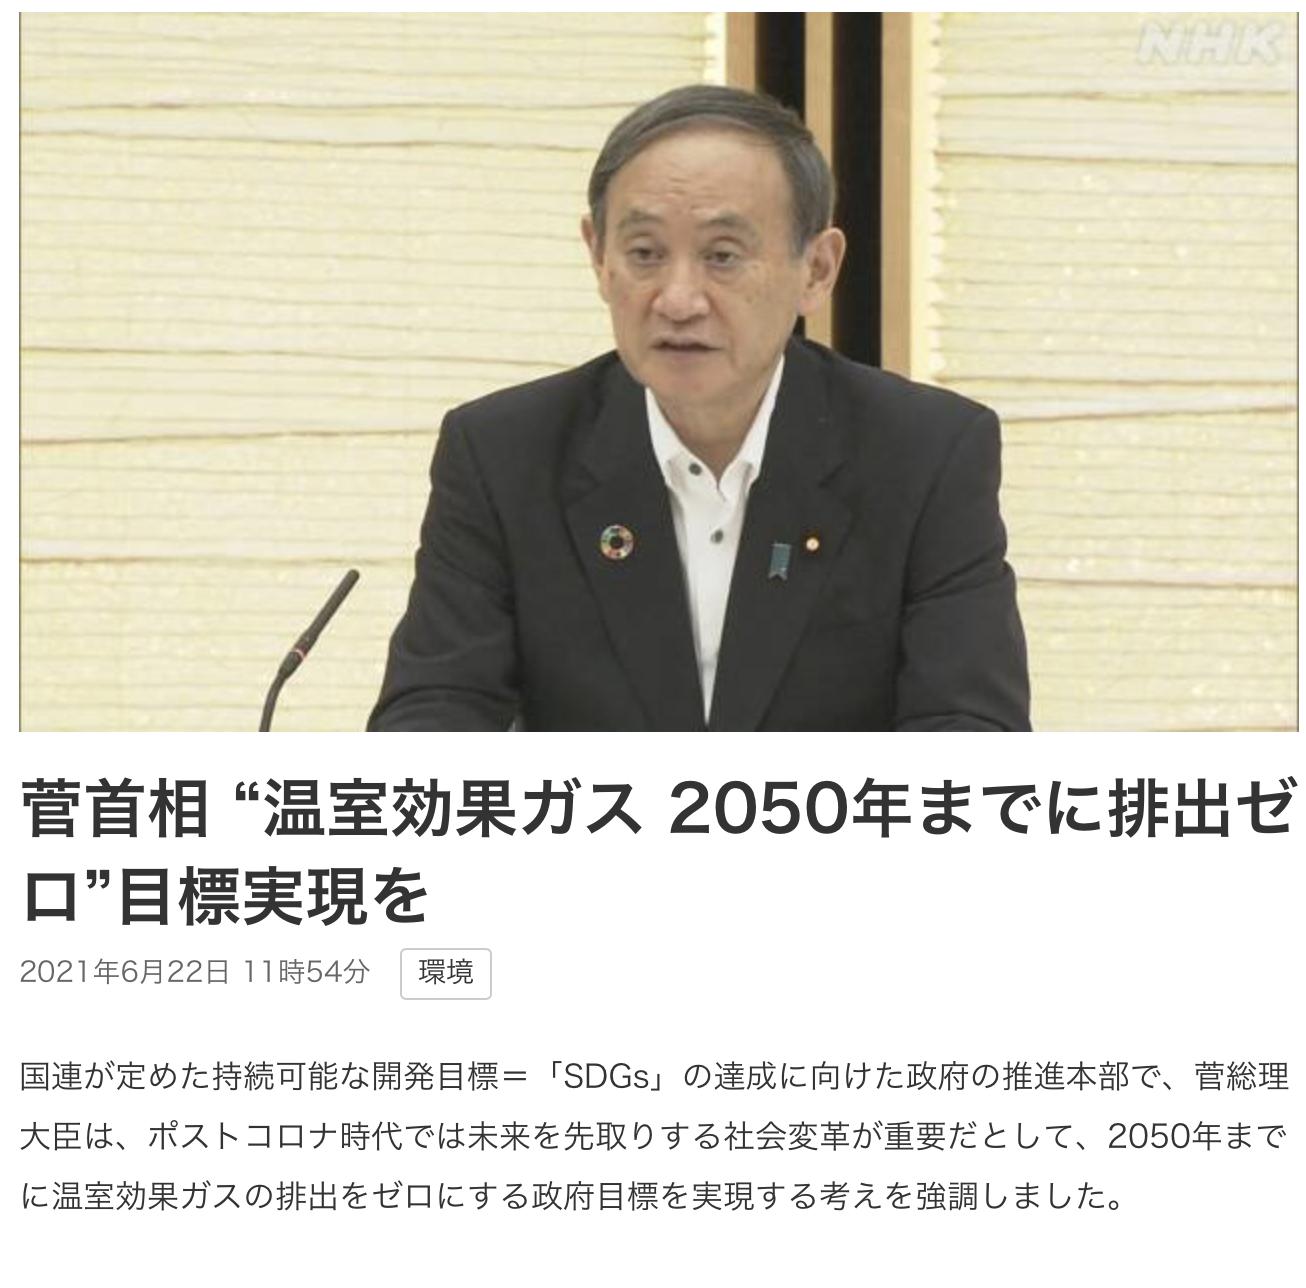 """菅主相""""温室効果ガス2050年までに排出ゼロ""""目標実現を"""